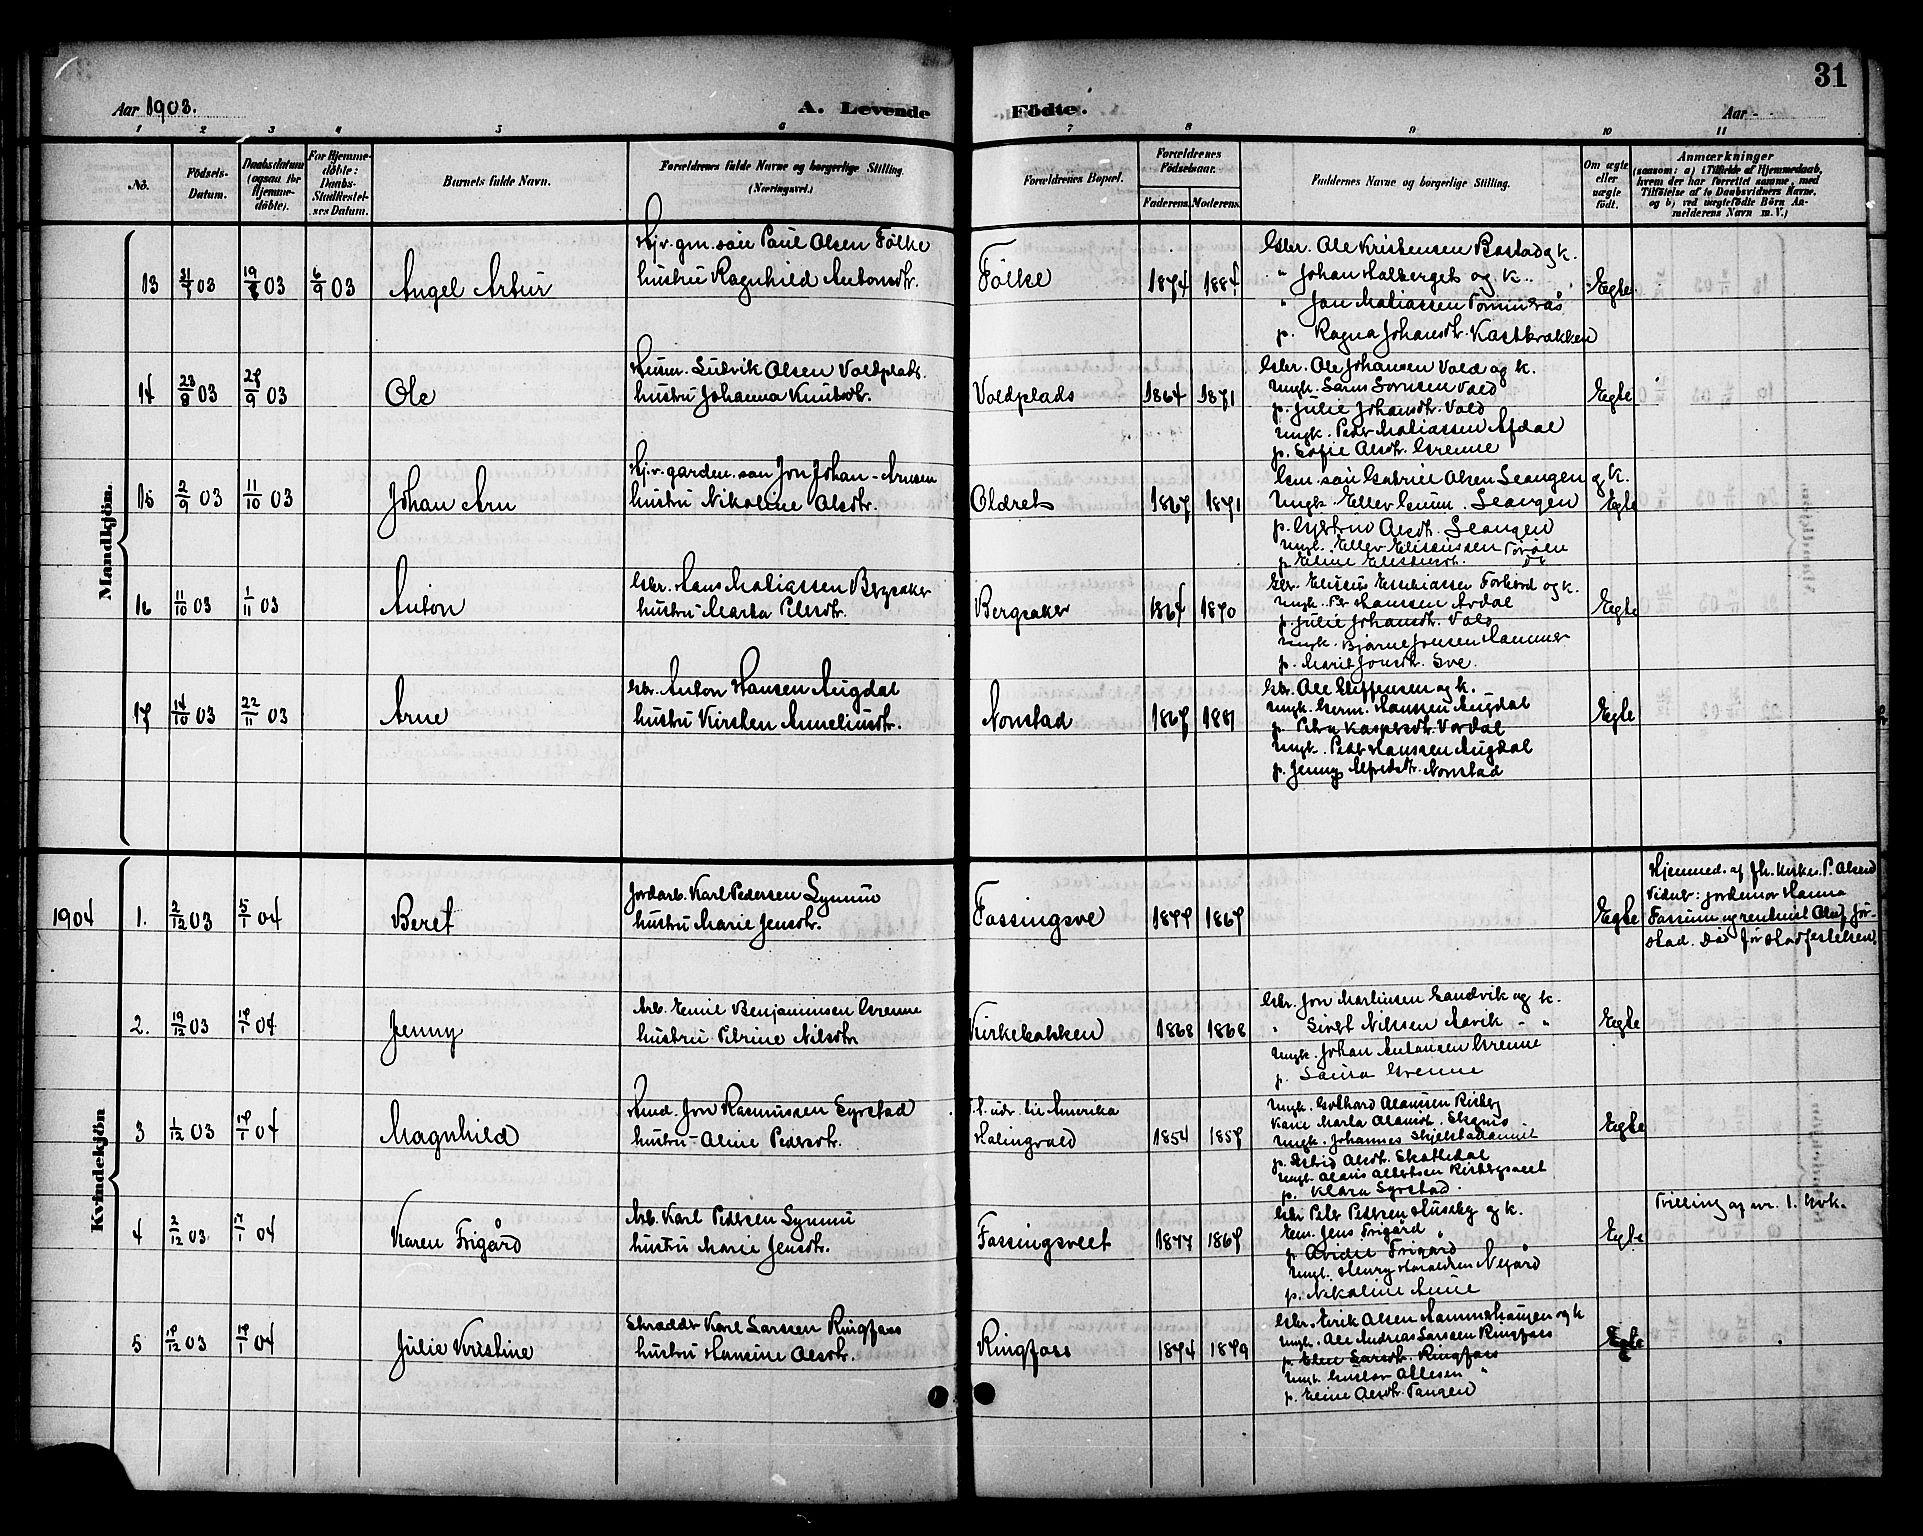 SAT, Ministerialprotokoller, klokkerbøker og fødselsregistre - Nord-Trøndelag, 714/L0135: Klokkerbok nr. 714C04, 1899-1918, s. 31